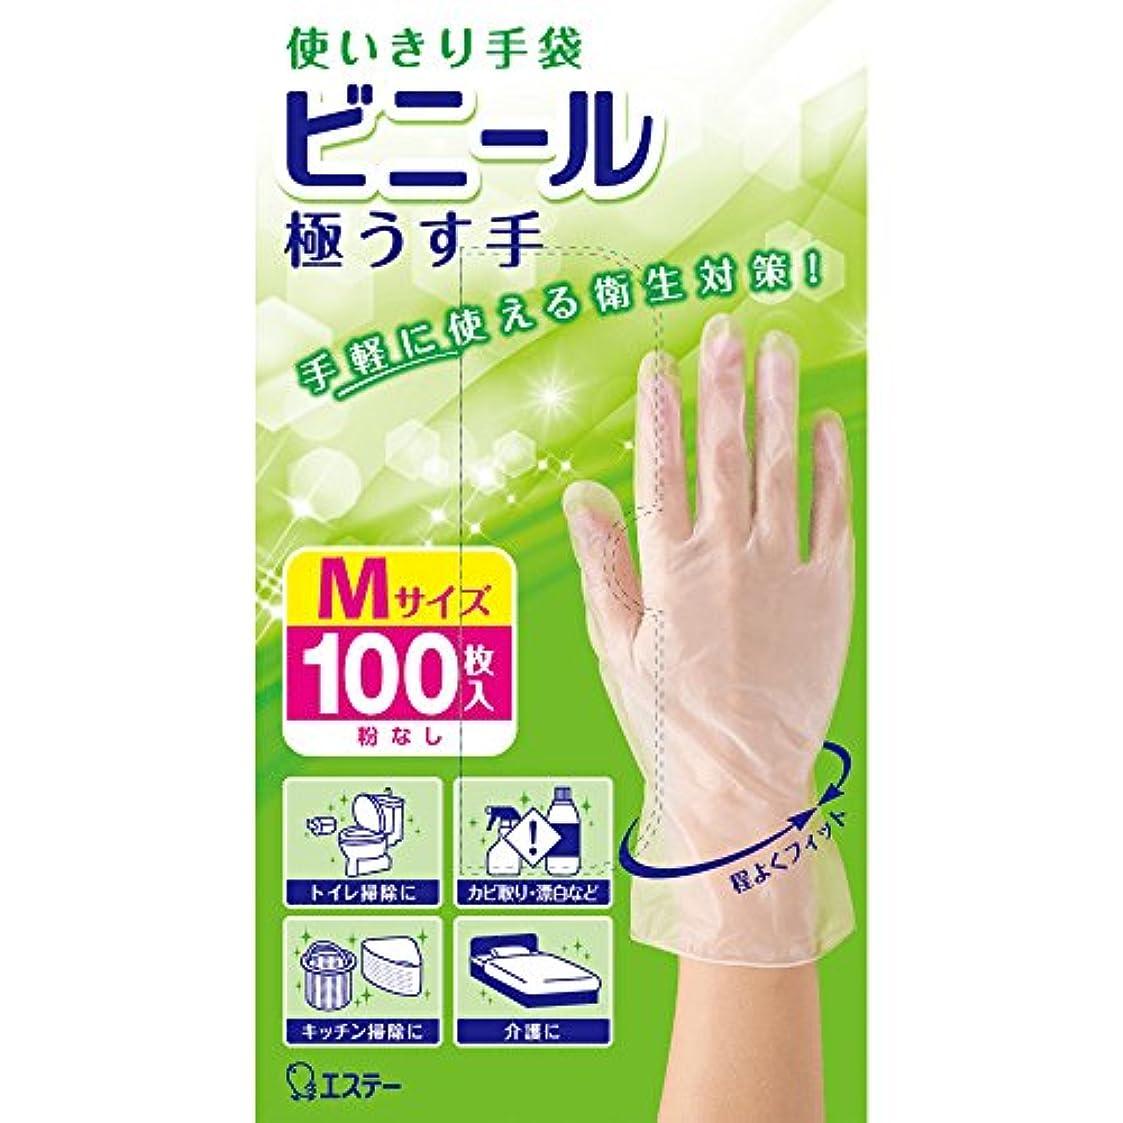 学んだ添加剤謝罪する使いきり手袋 ビニール 極うす手 炊事?掃除用 Mサイズ 半透明 100枚